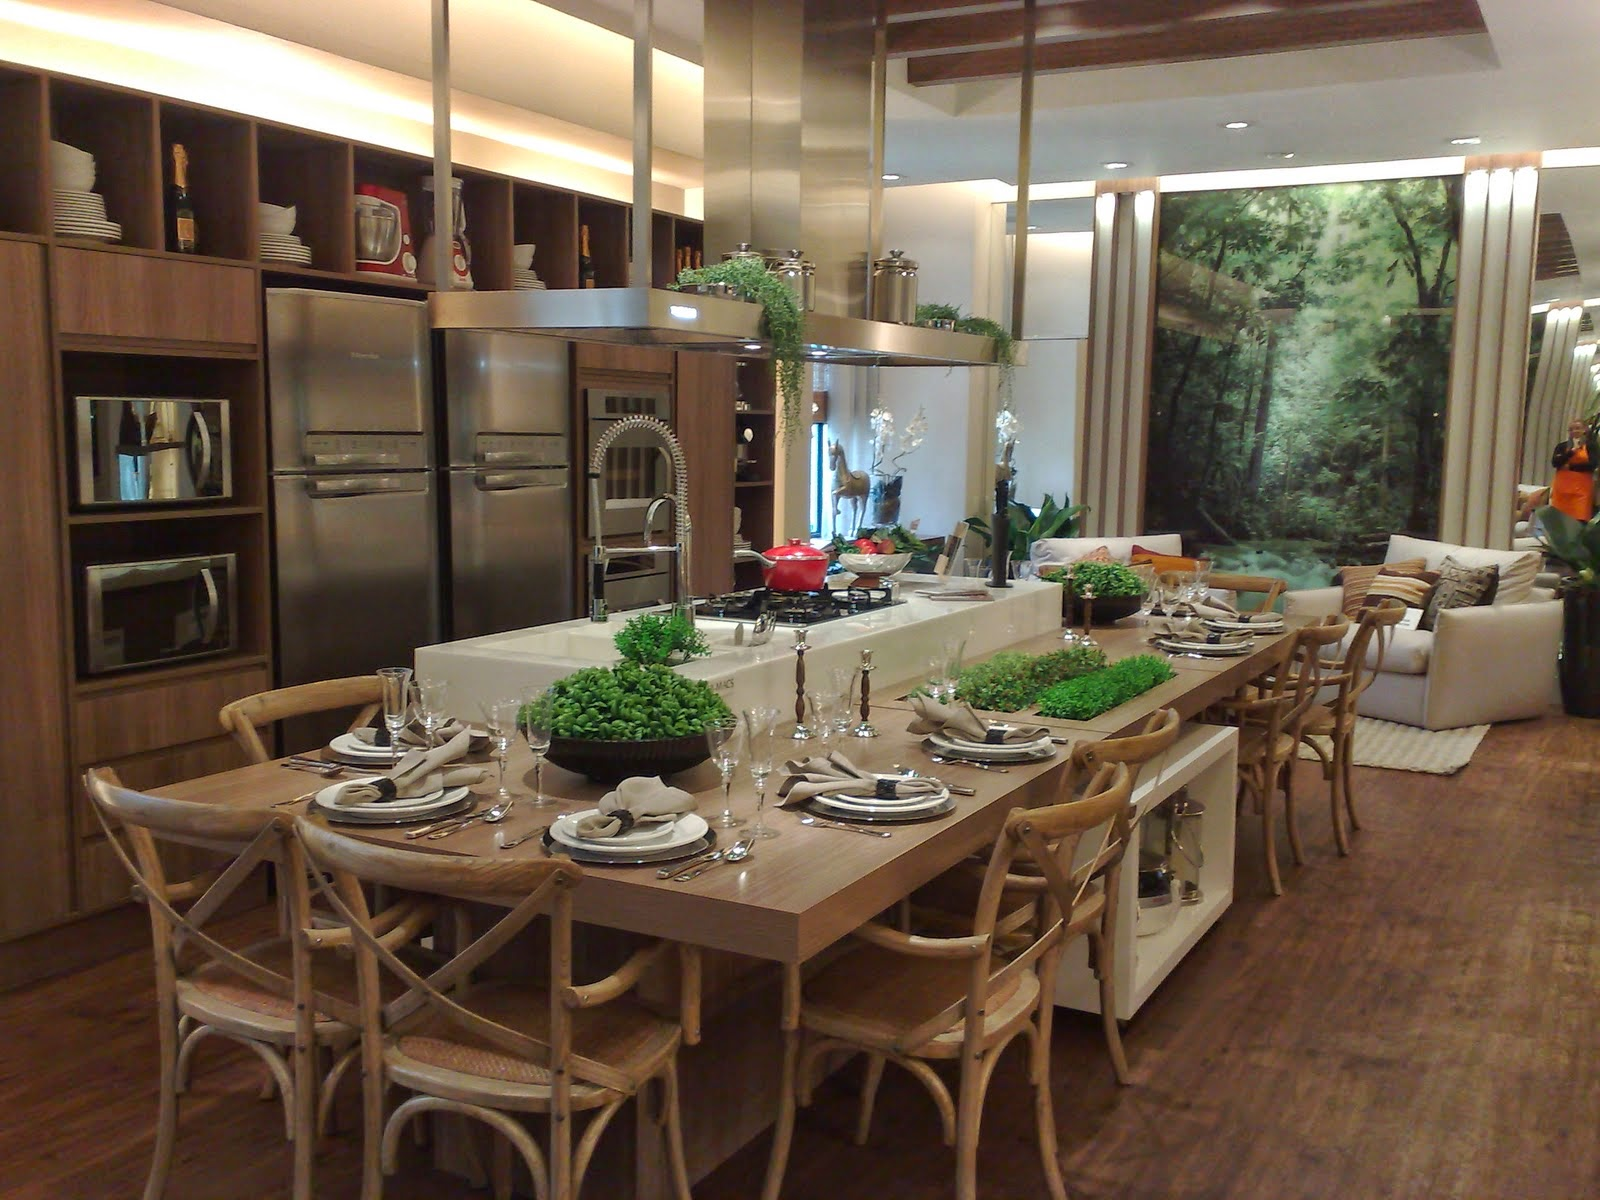 Cozinhas com ilhas – veja dicas   30 modelos de ilhas de cocção e  #8A7C41 1600 1200